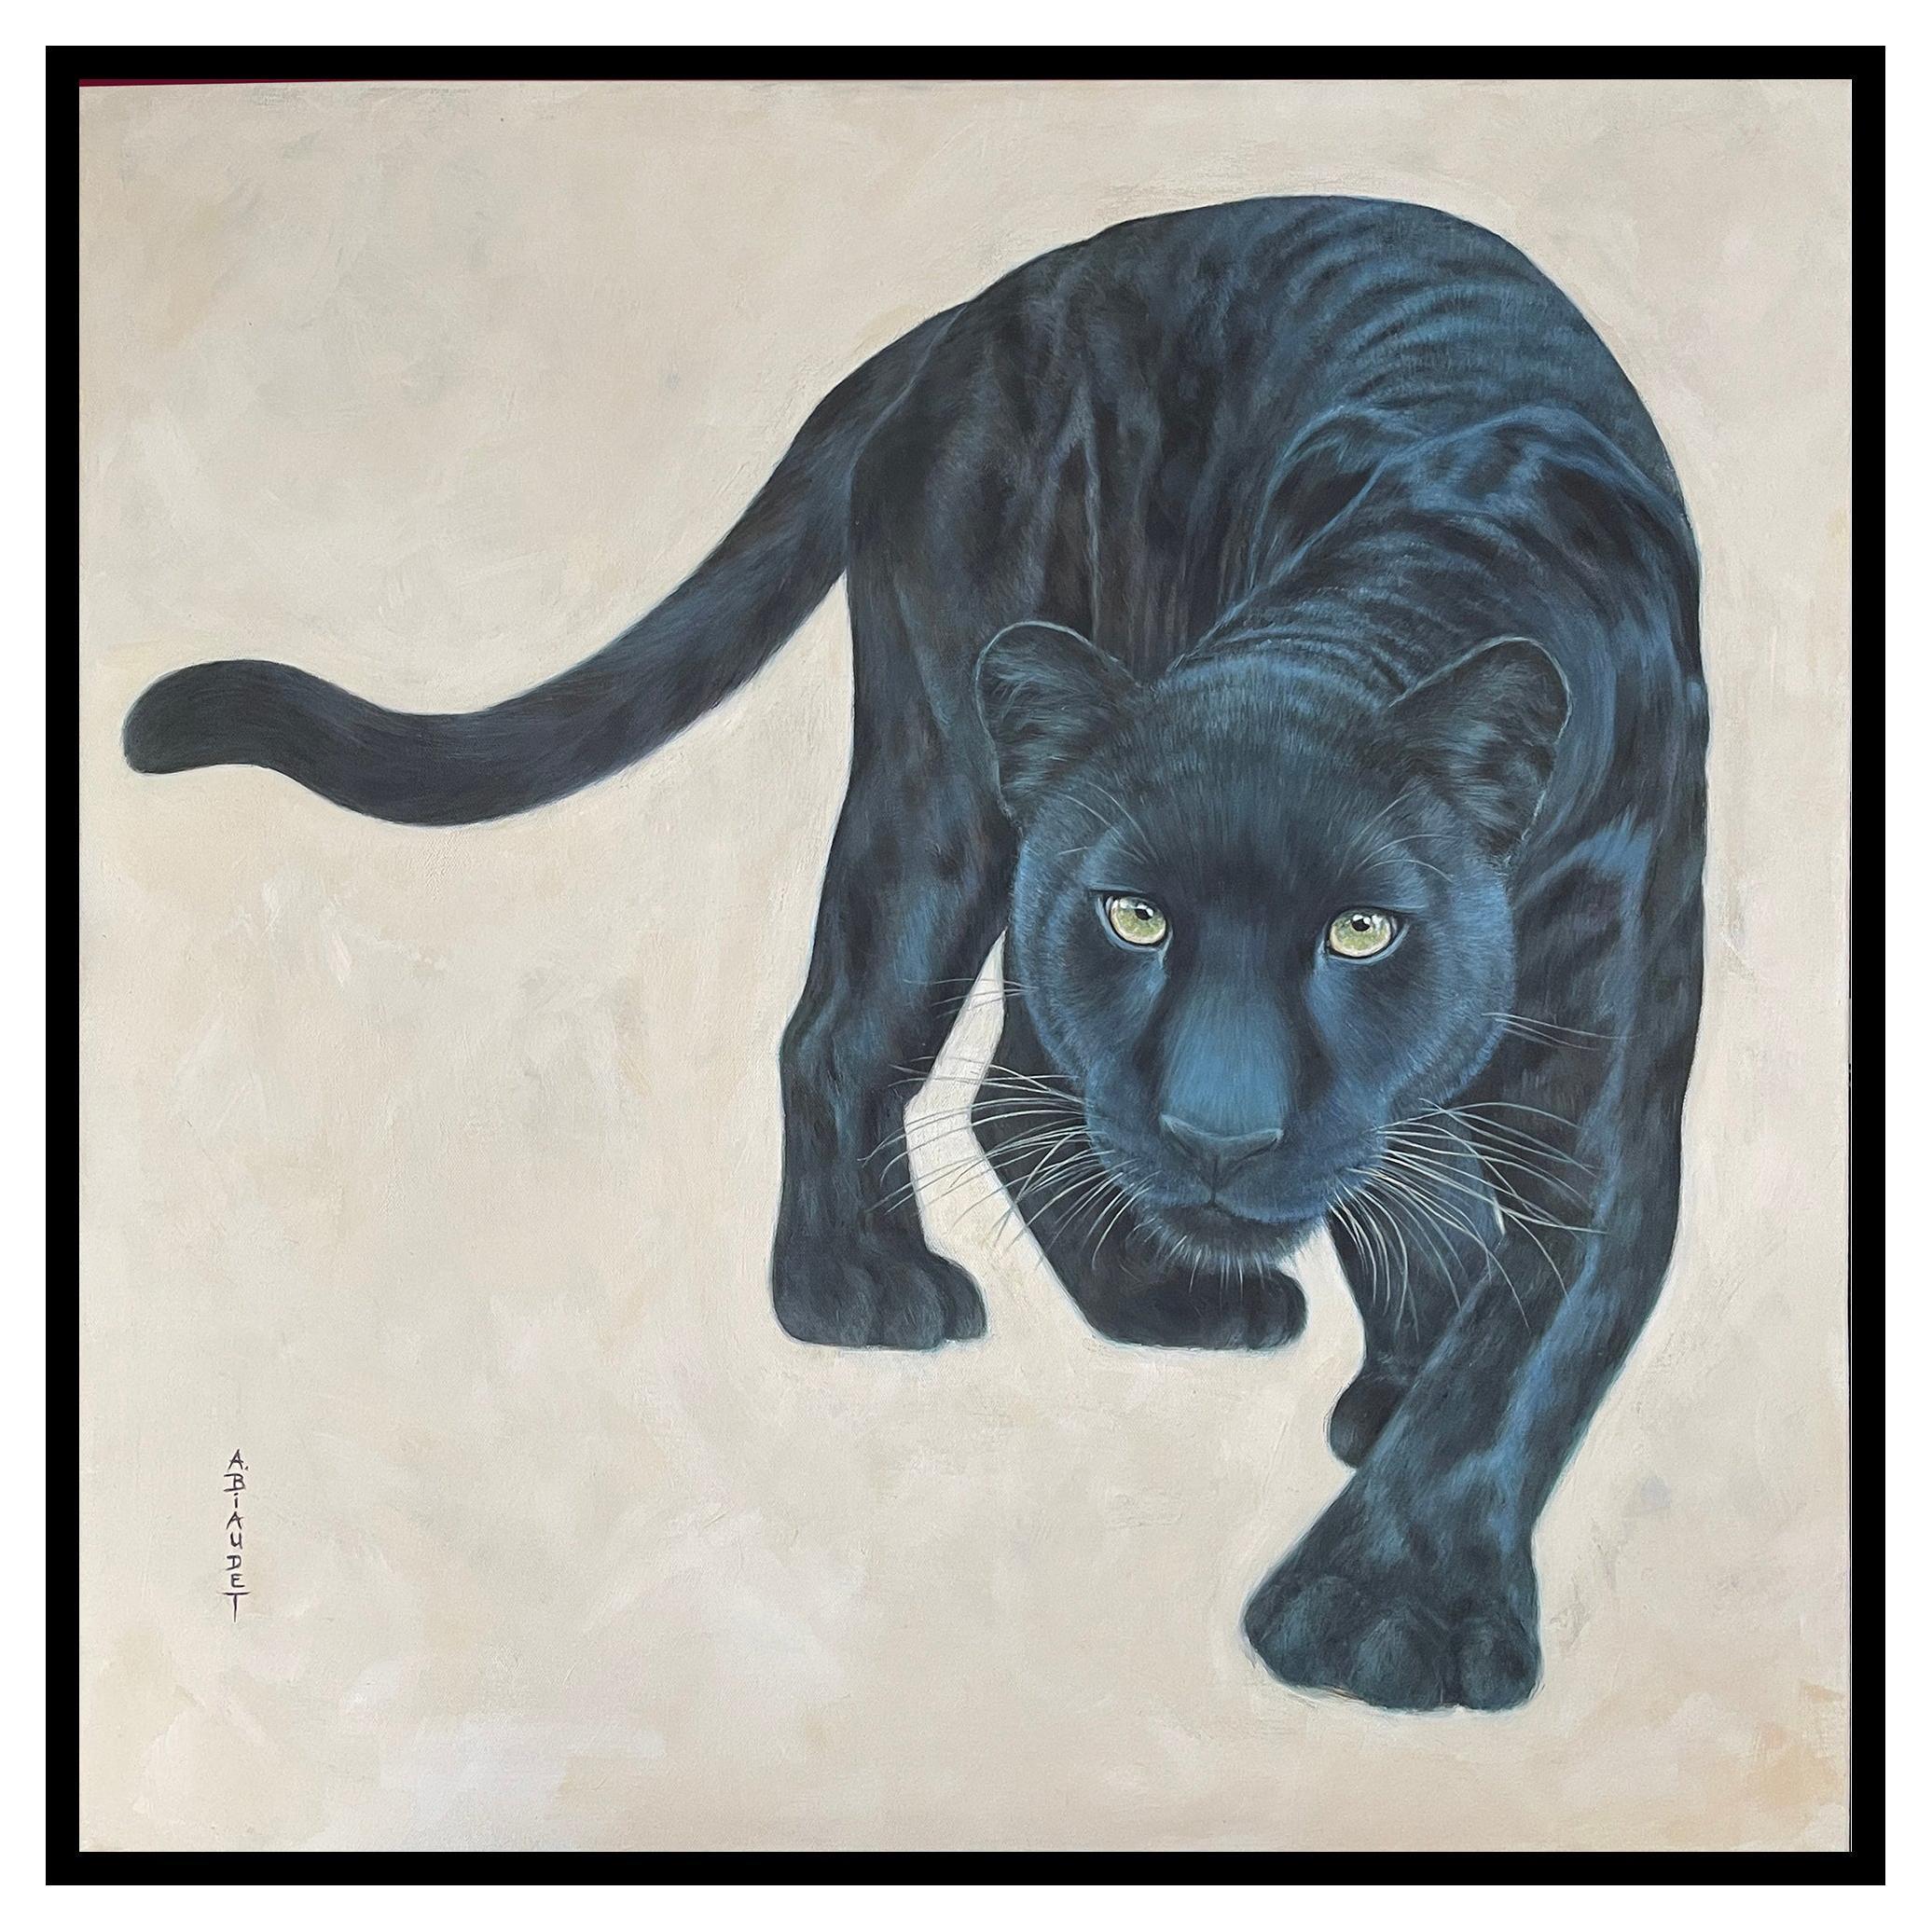 Annick Biaudet - Original Painting - Black panther